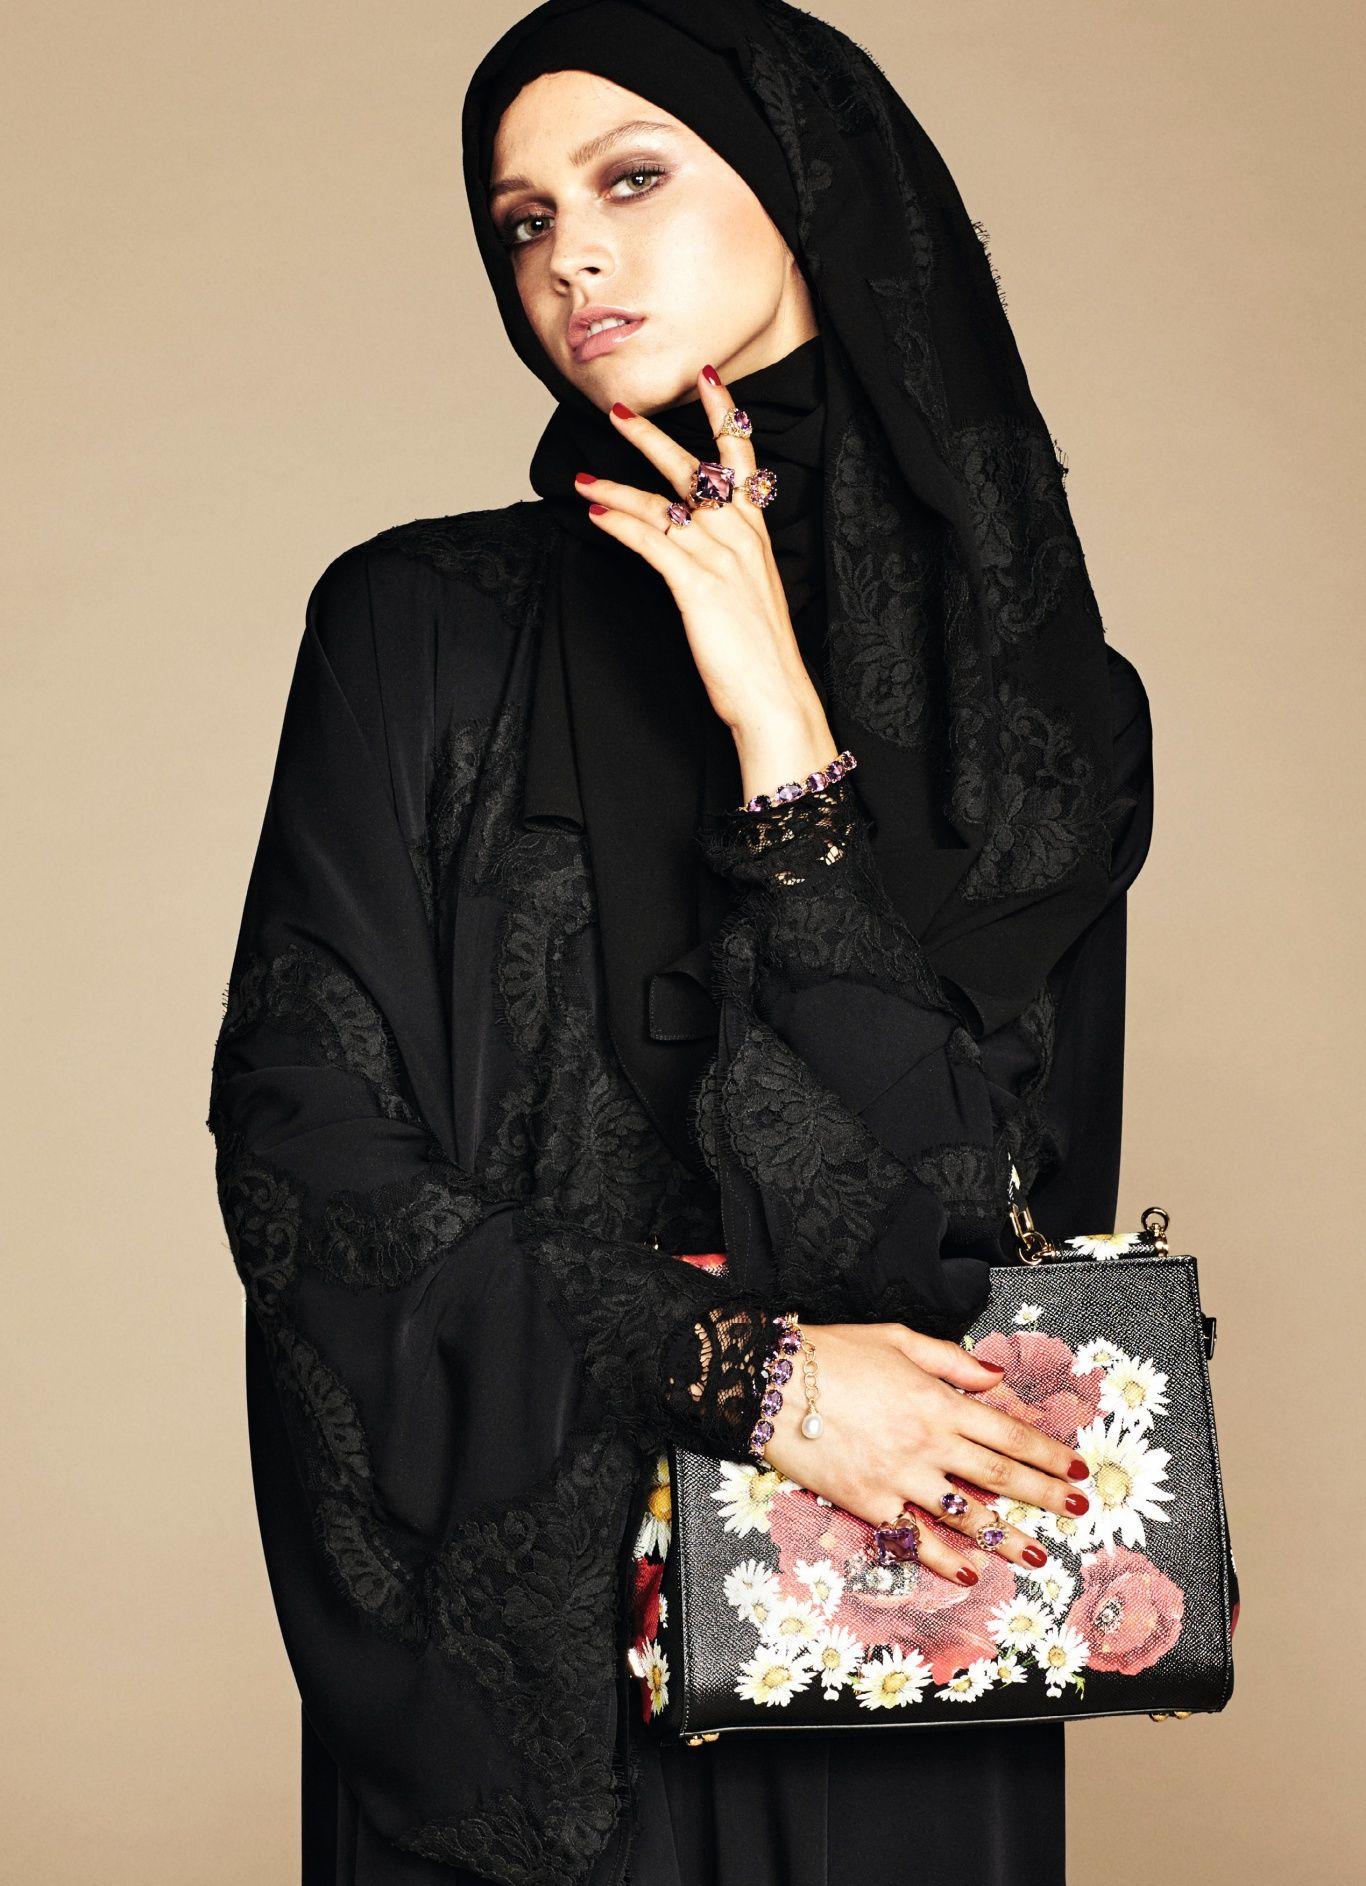 La colección fue presentada en Style.com, la publicación online de Vogue, mostrando veinte fotos de distintos modelos